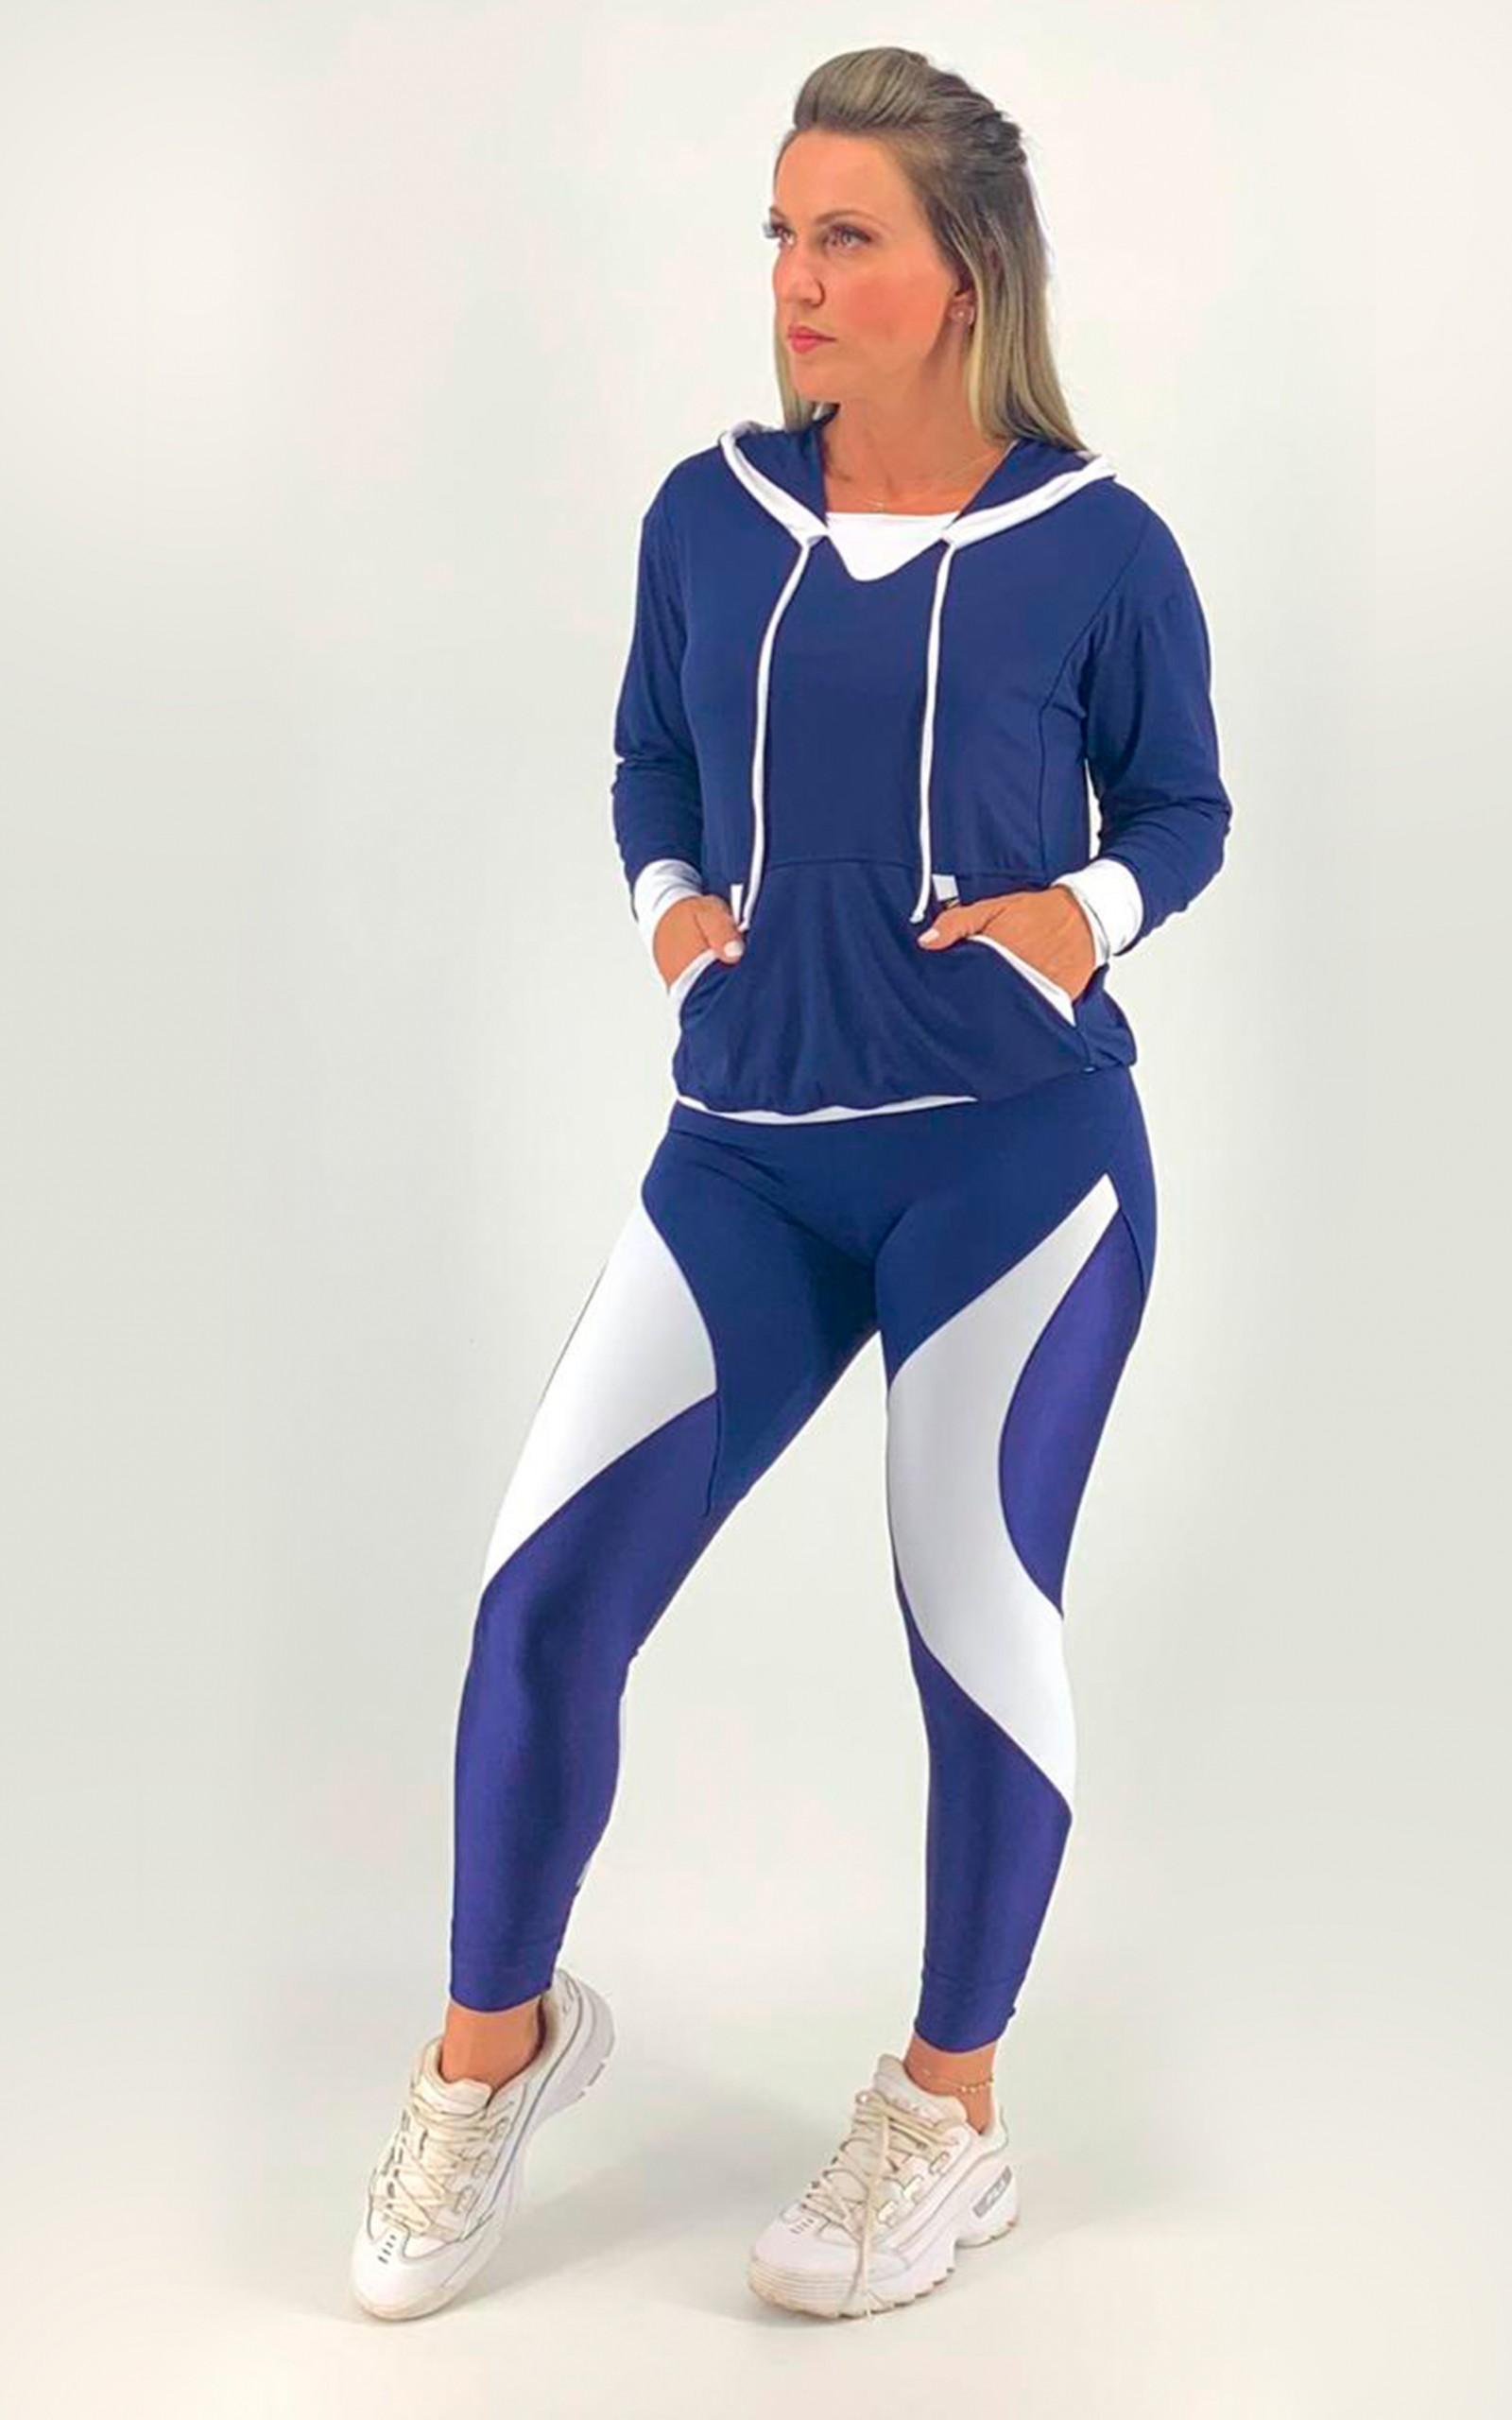 Casaco Duo Marinho, Coleção Move Your Body - NKT Fitwear Moda Fitness